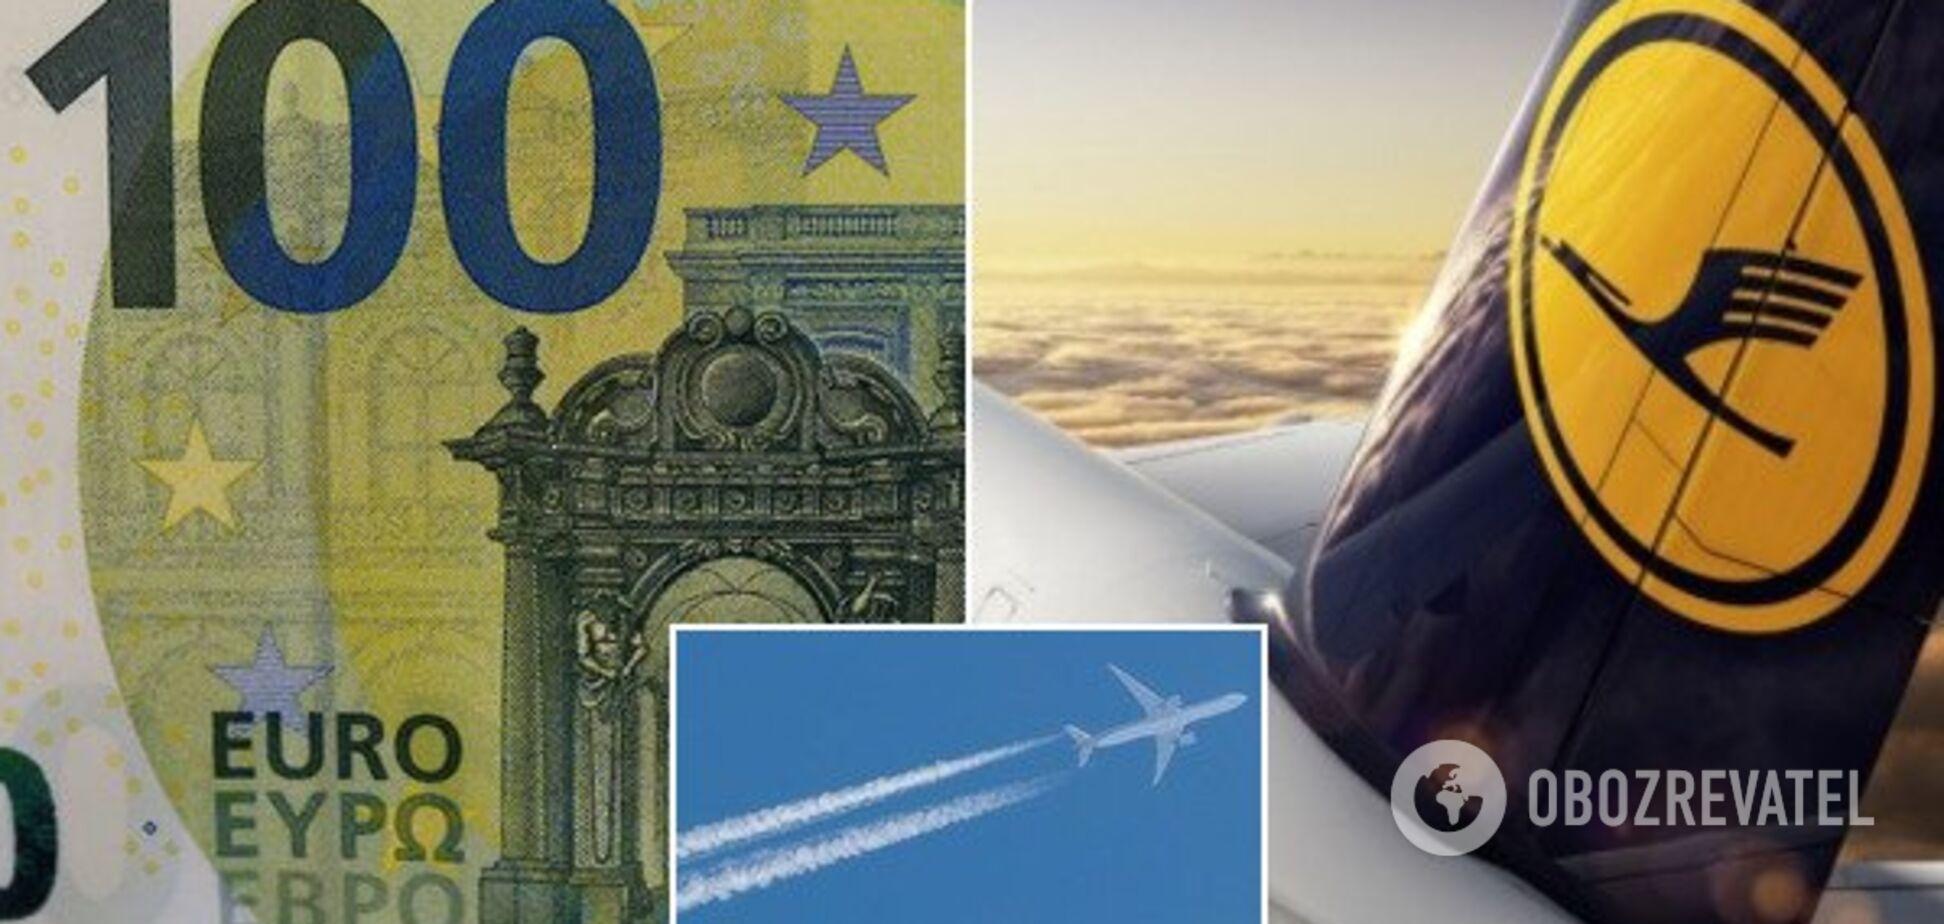 Заплатять самі клієнти: Lufthansa придумала нововведення заради порятунку планети